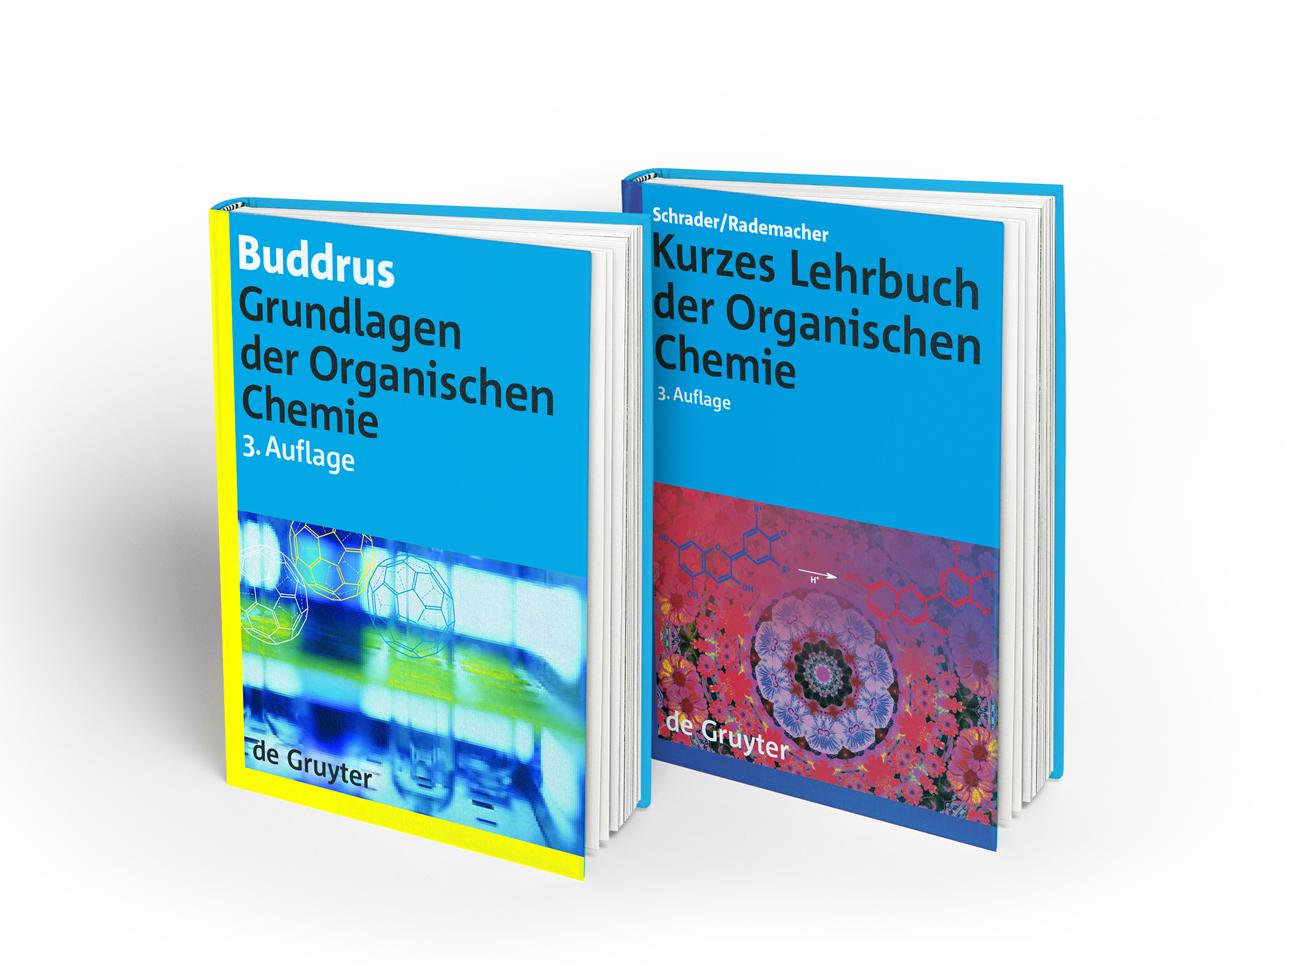 martin_zech_design_buchcovergestaltung_de_gruyter_buddrus_chemie_schrader-rademacher_kurzes_lehrbuch